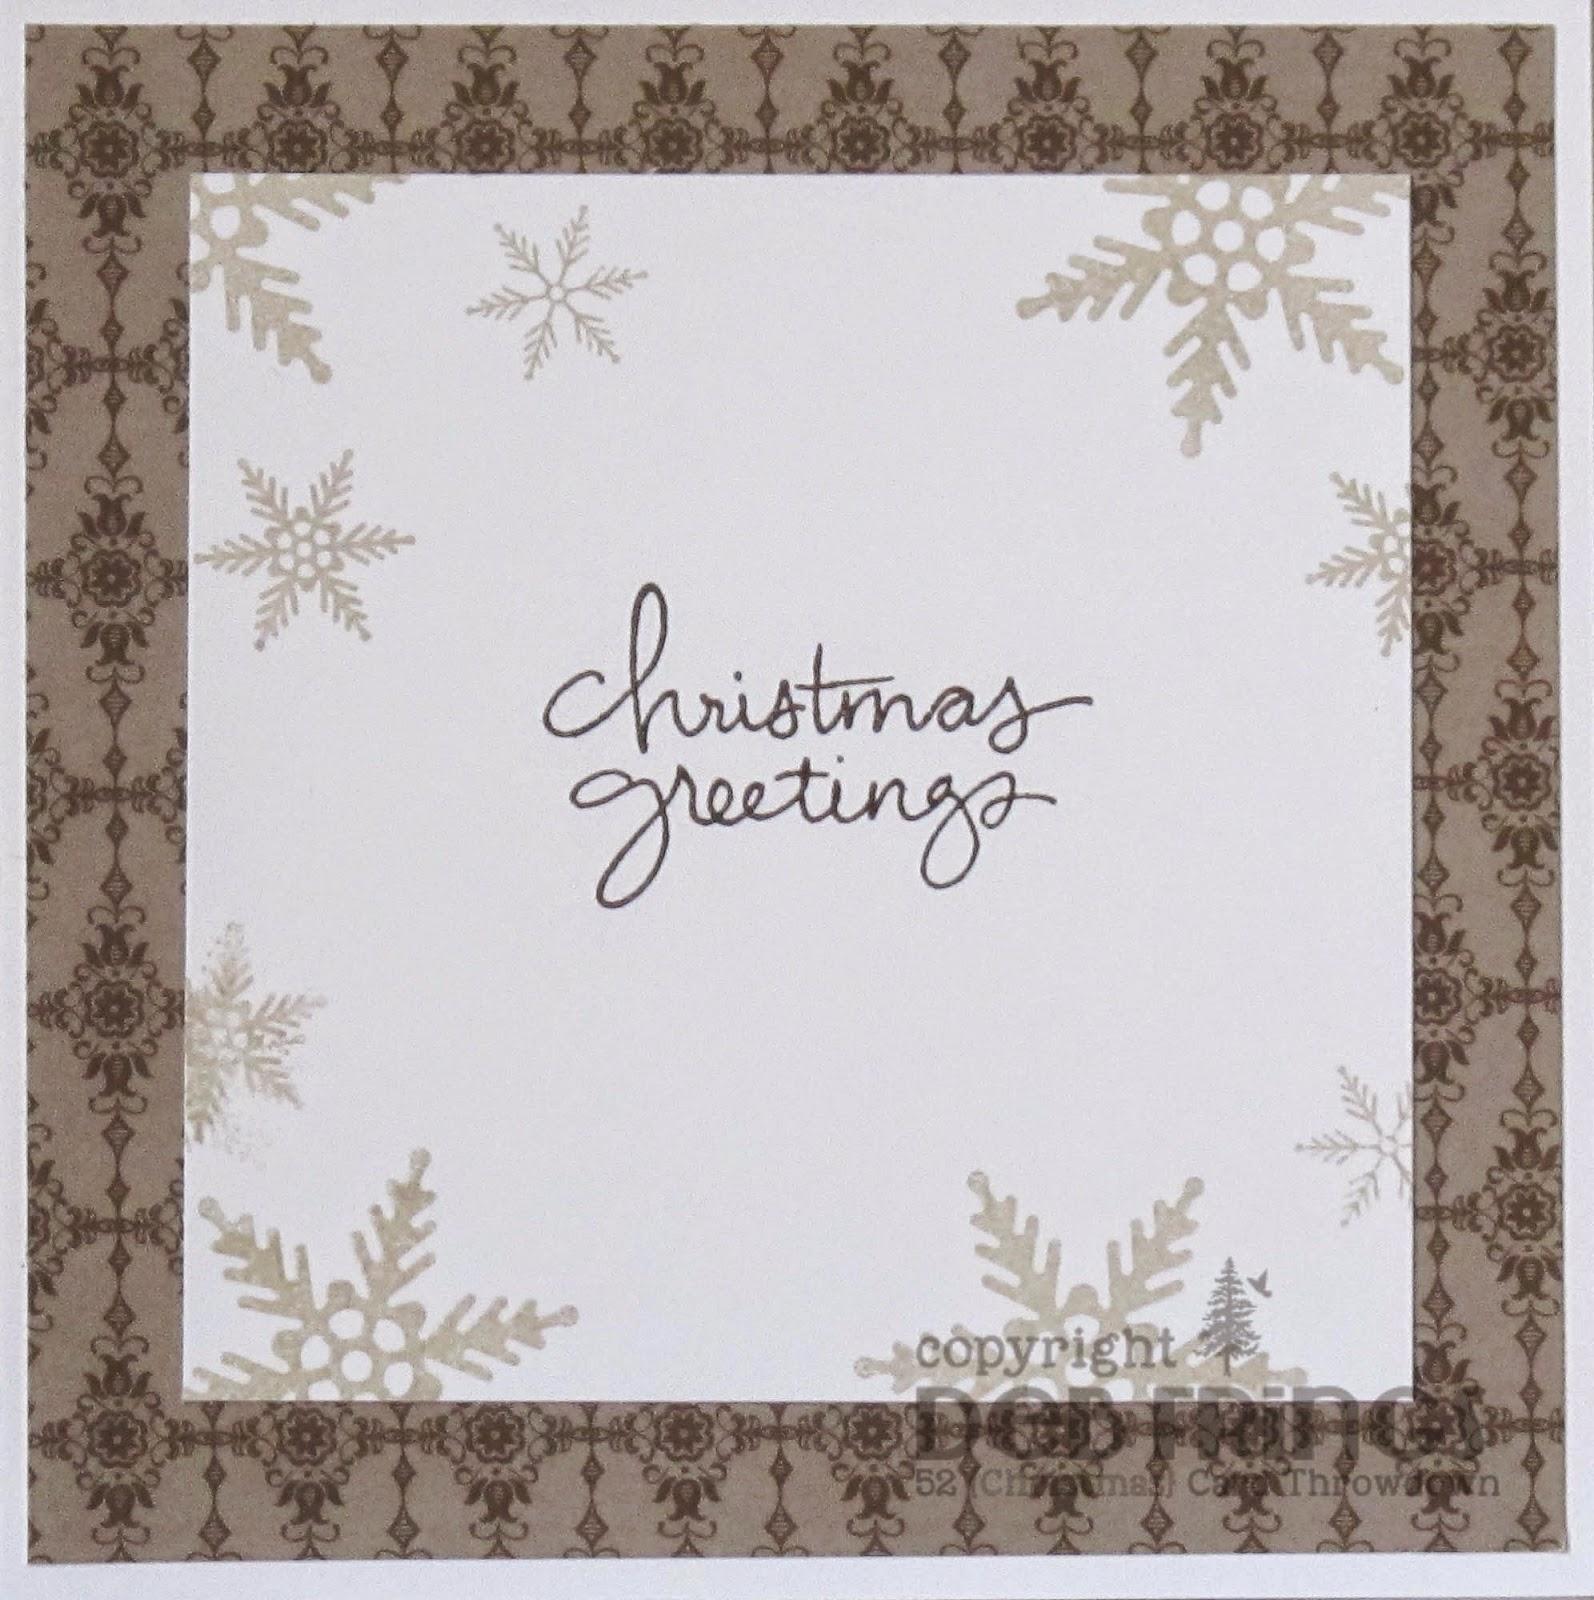 Christmas Wishes inside - photo by Deborah Frings - Deborah's Gems